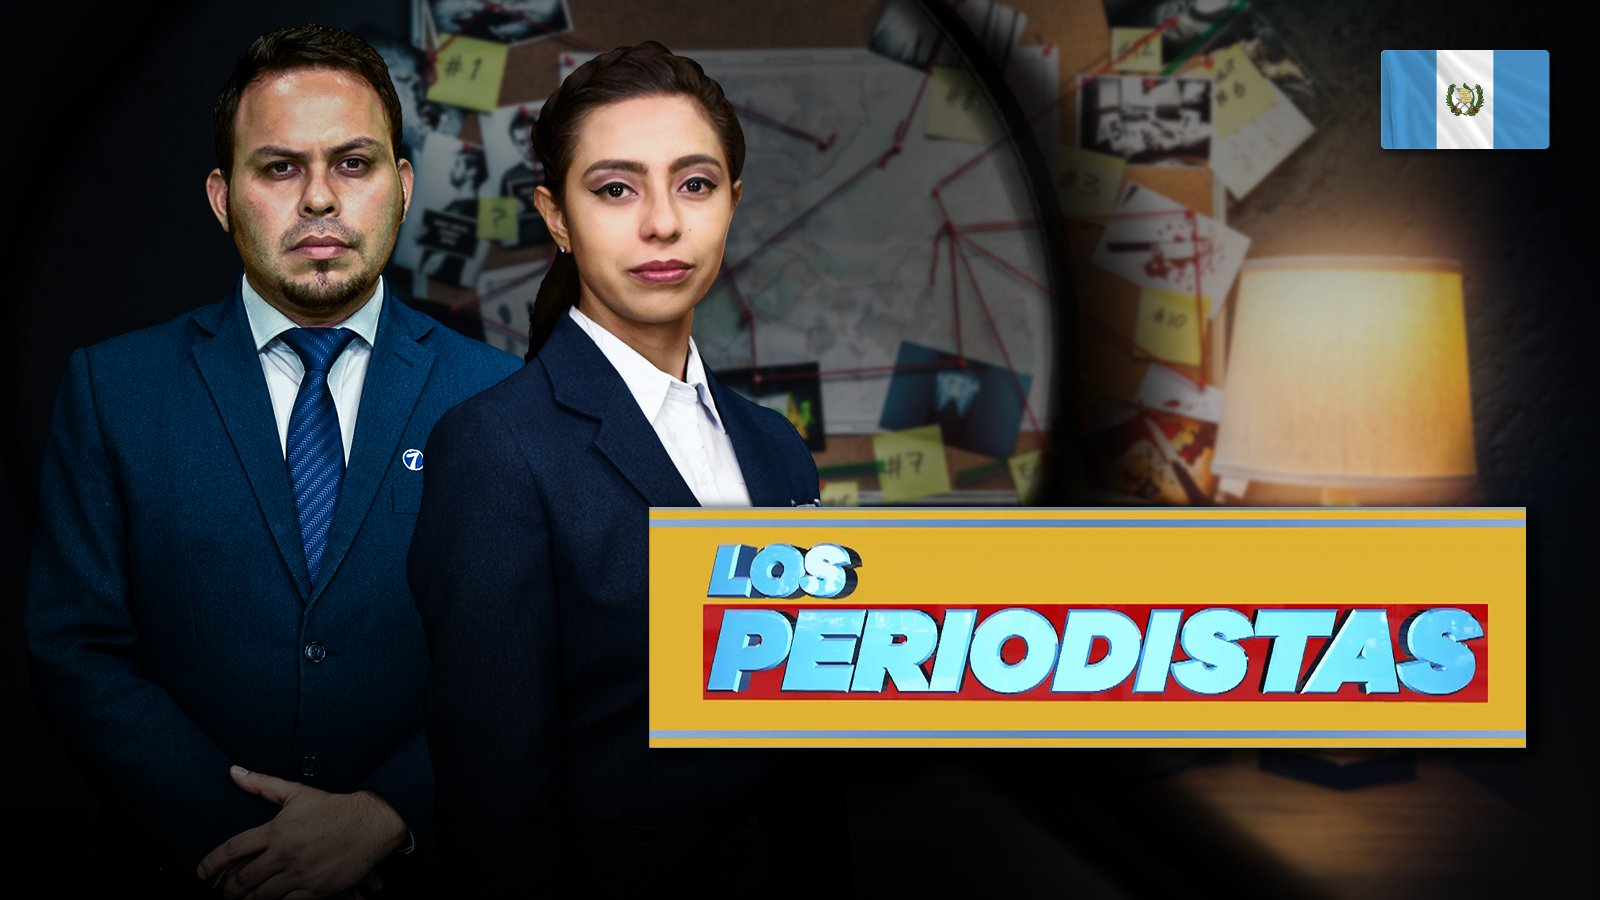 Los Periodistas poster